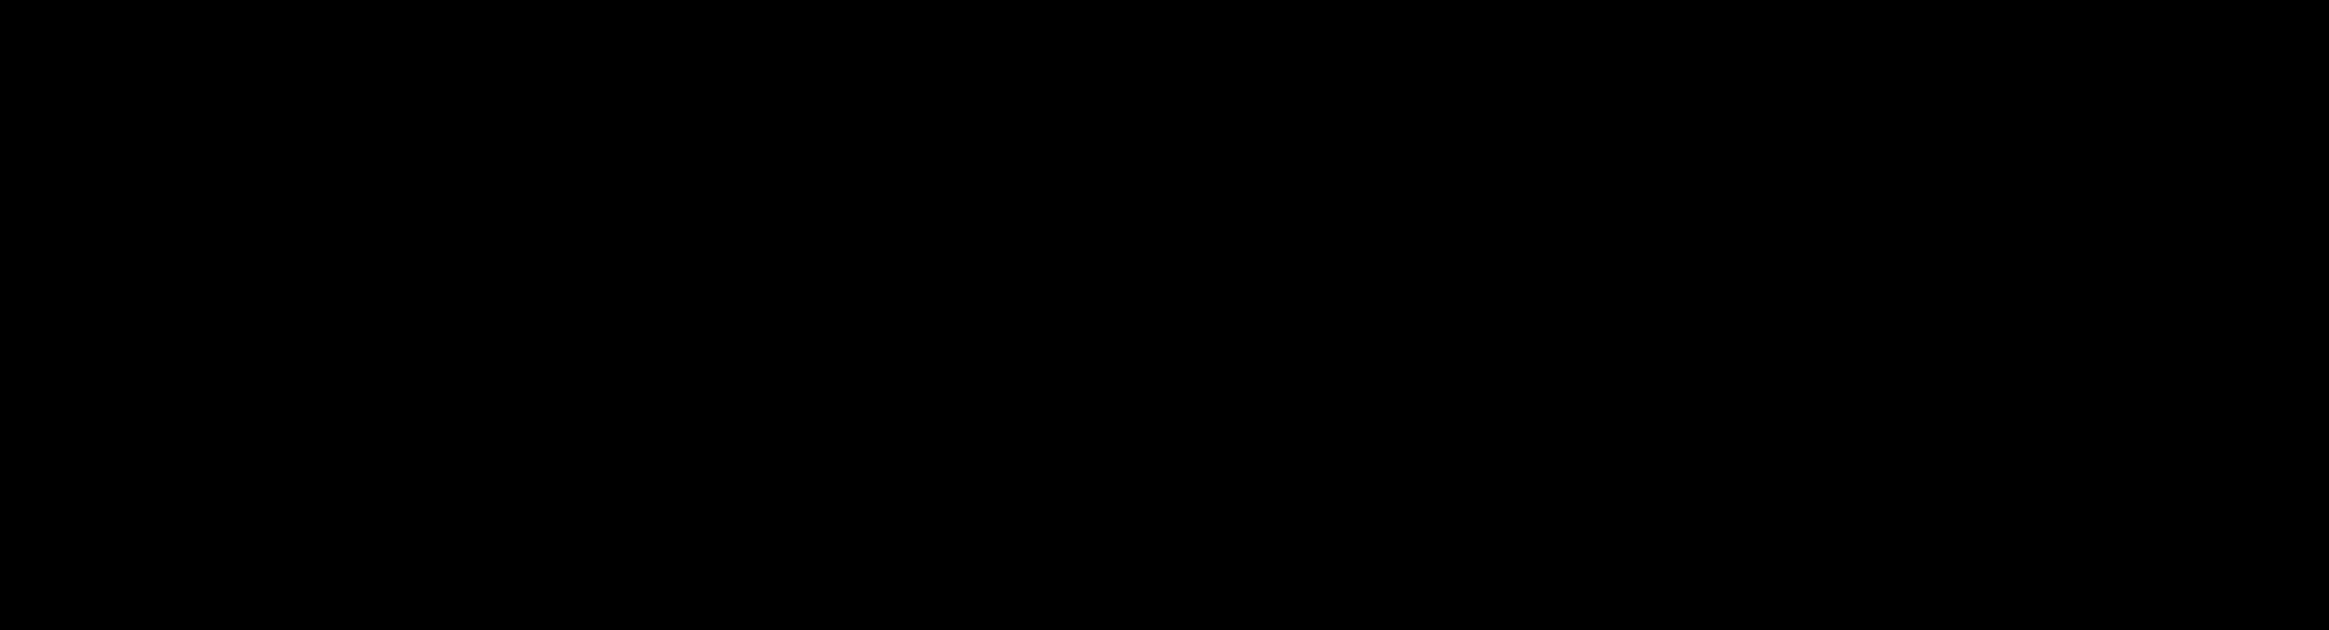 Naples Marketing, Naples Florida Advertising, Advertising and Marketing Firms, Marketing Agencies, Advertising Agencies, Naples Advertising, Naples online Marketing Naples Internet Marketing, Naples SEO, Search Engine Optimization Naples, Naples Website Designers, Fort Myers Marketing, Fort Myers Florida Advertising, Fort Myers Advertising, Fort Myers online Marketing, Fort Myers Internet Marketing, Fort Myers SEO, Search Engine Optimization Fort Myers, Fort Myers Website Designers